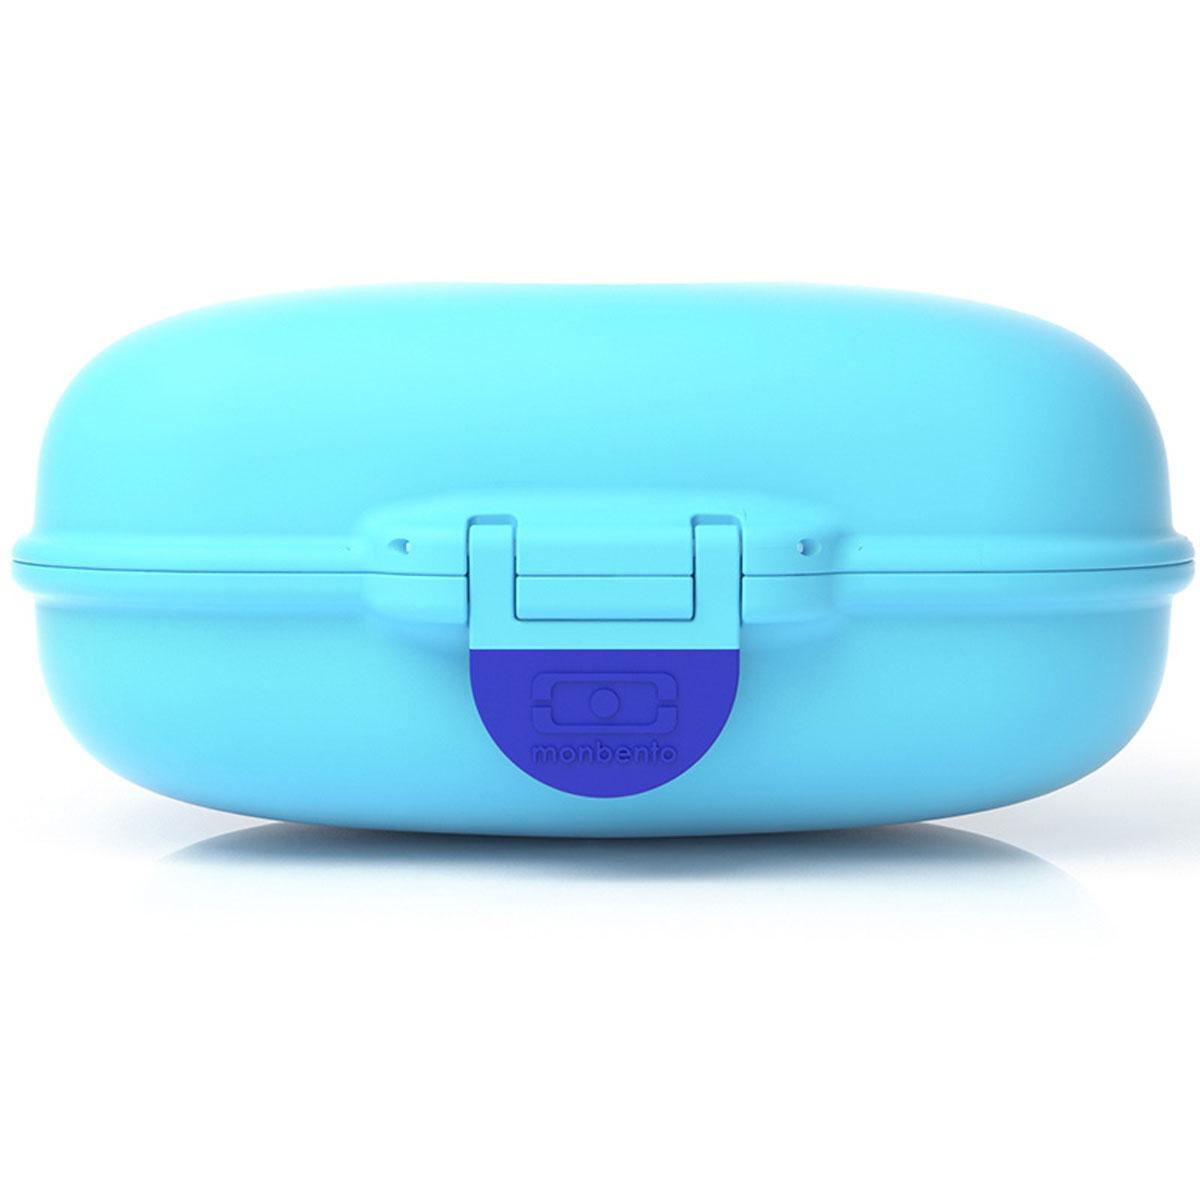 Ланчбокс Monbento Gram, цвет: ежевичный, 600 мл3000 02 004Ланчбокс Monbento Gram изготовлен из высококачественного пищевого пластика. Предназначен для хранения и переноски пищевых продуктов. Ланчбокс плотно закрывается на защелку. Компактные размеры позволят хранить его в любой сумке. Ланчбокс удобно взять с собой на работу, отдых, в поездку. Теперь любимая домашняя еда всегда будет под рукой, а яркий дизайн поднимет настроение и подарит заряд позитива. Можно использовать в микроволновой печи и для хранения пищи в холодильнике, можно мыть в посудомоечной машине. Объем: 600 мл. Размер ланчбокса: 15 см х 10 см х 7 см.